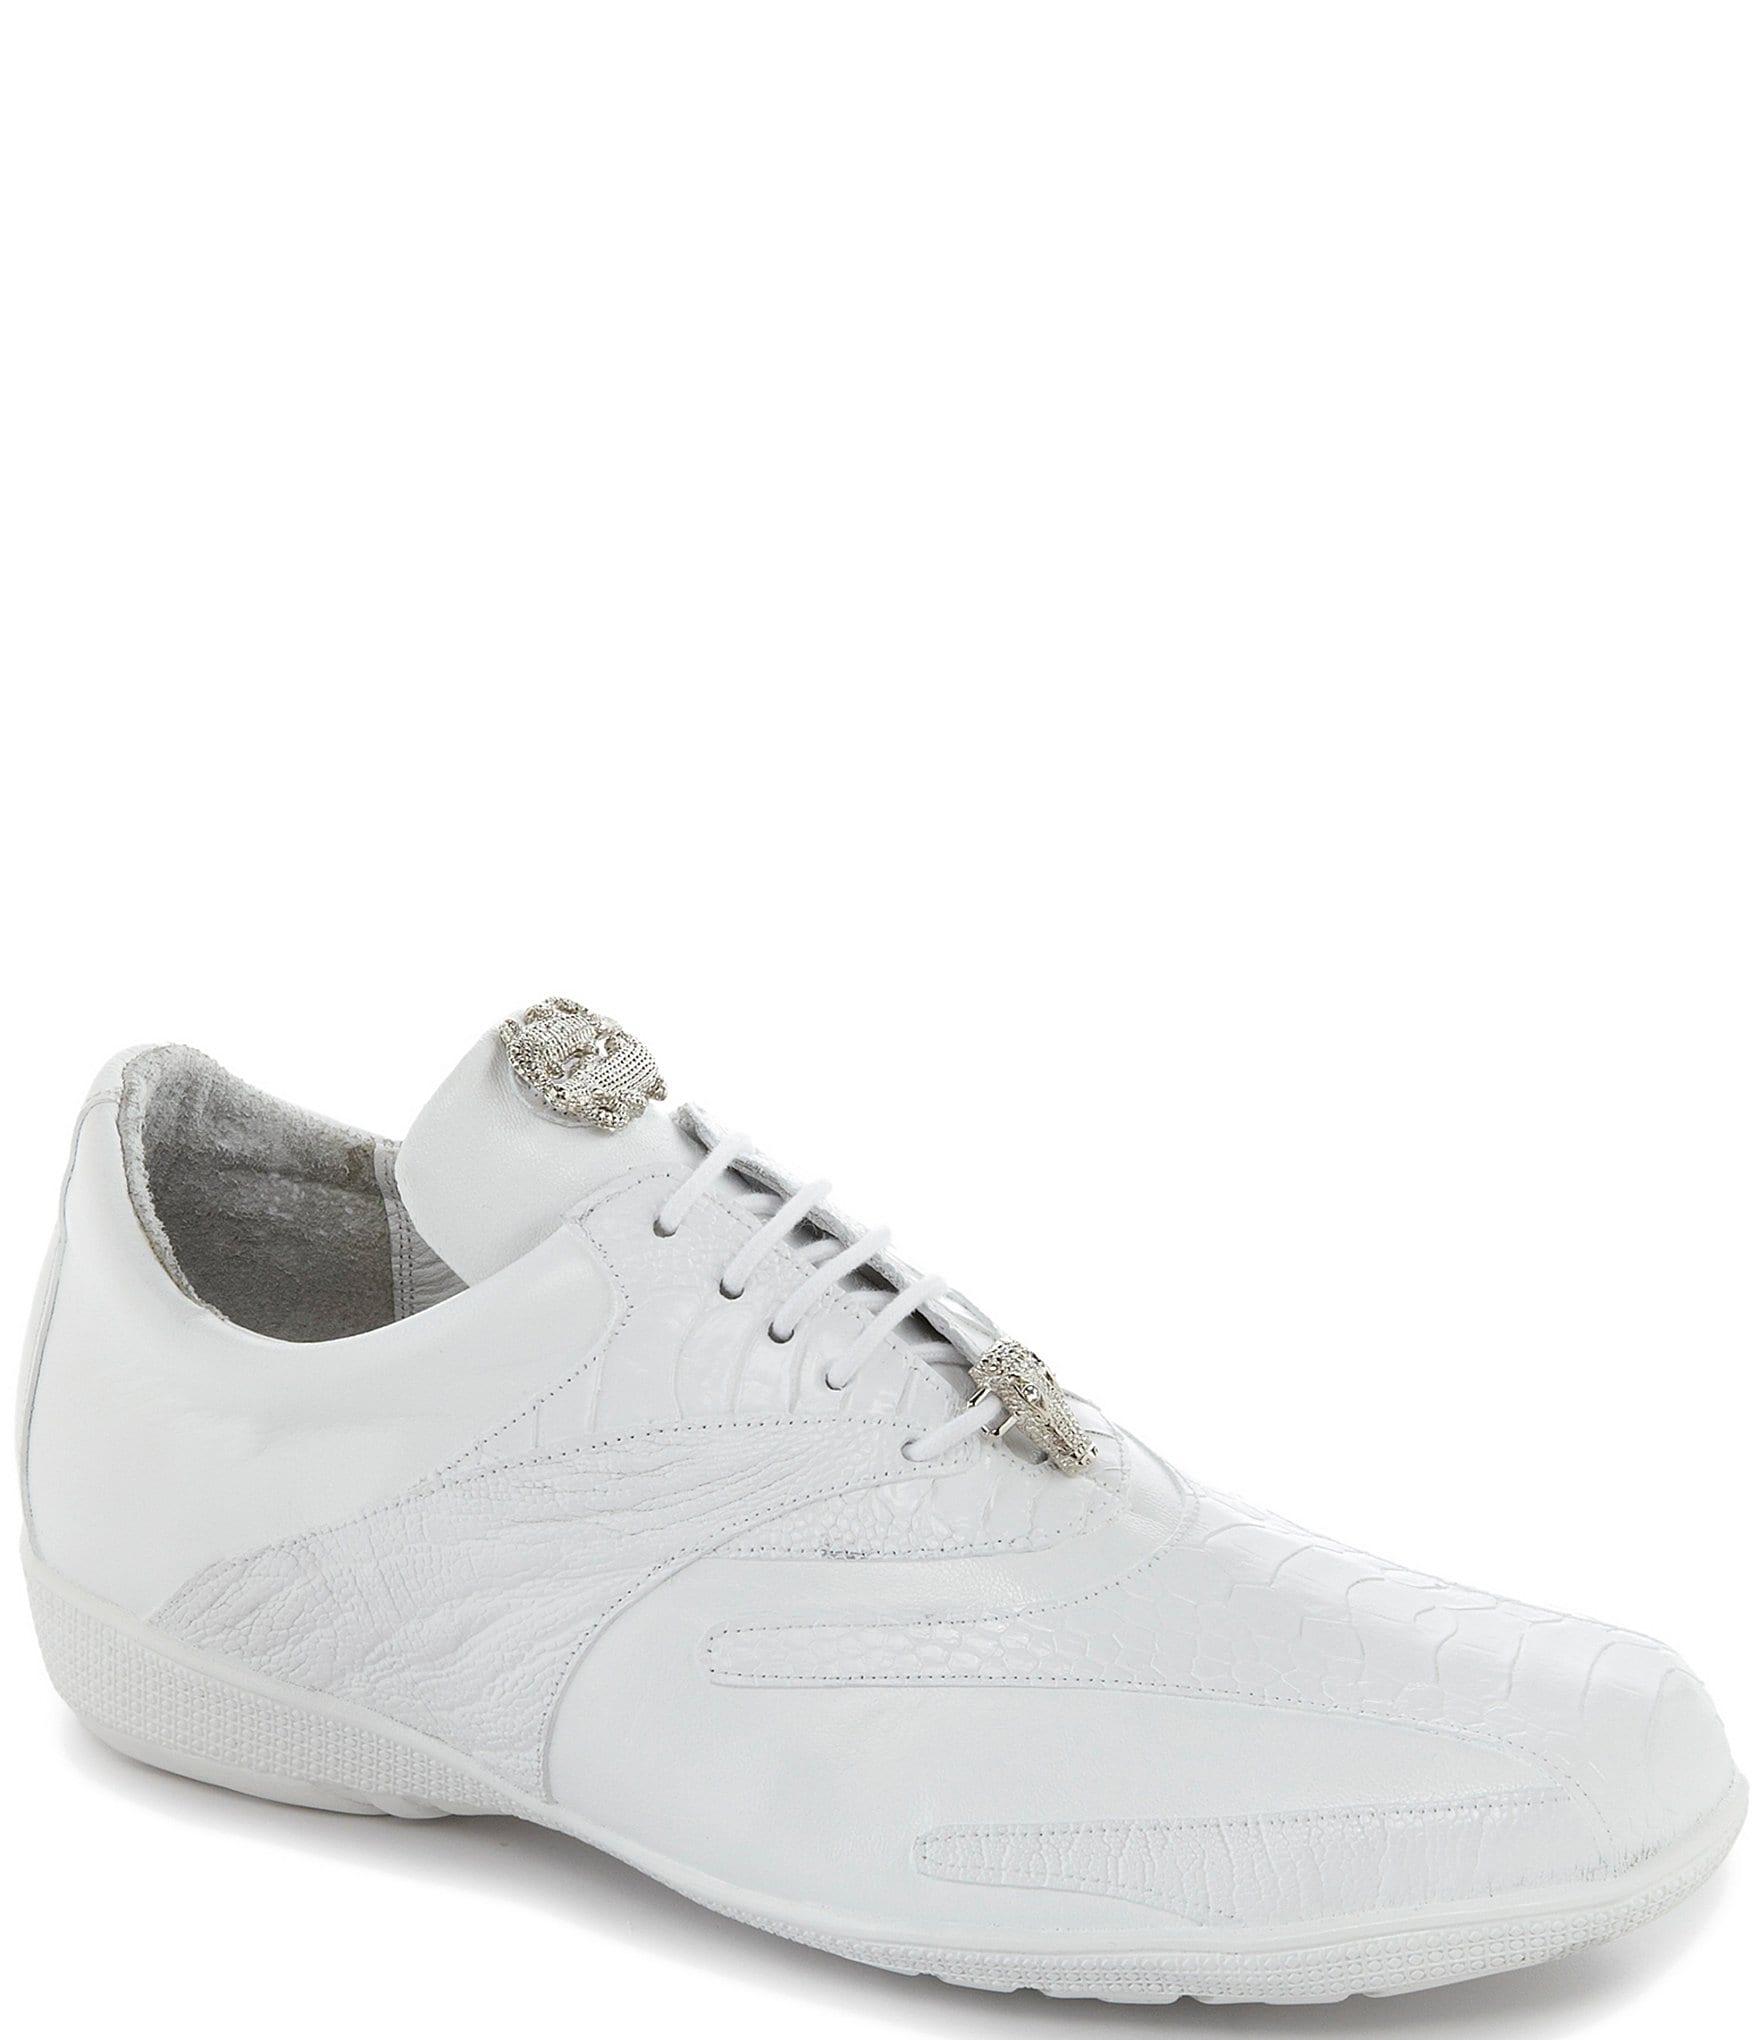 Belvedere Men's Shoes | Dillard's